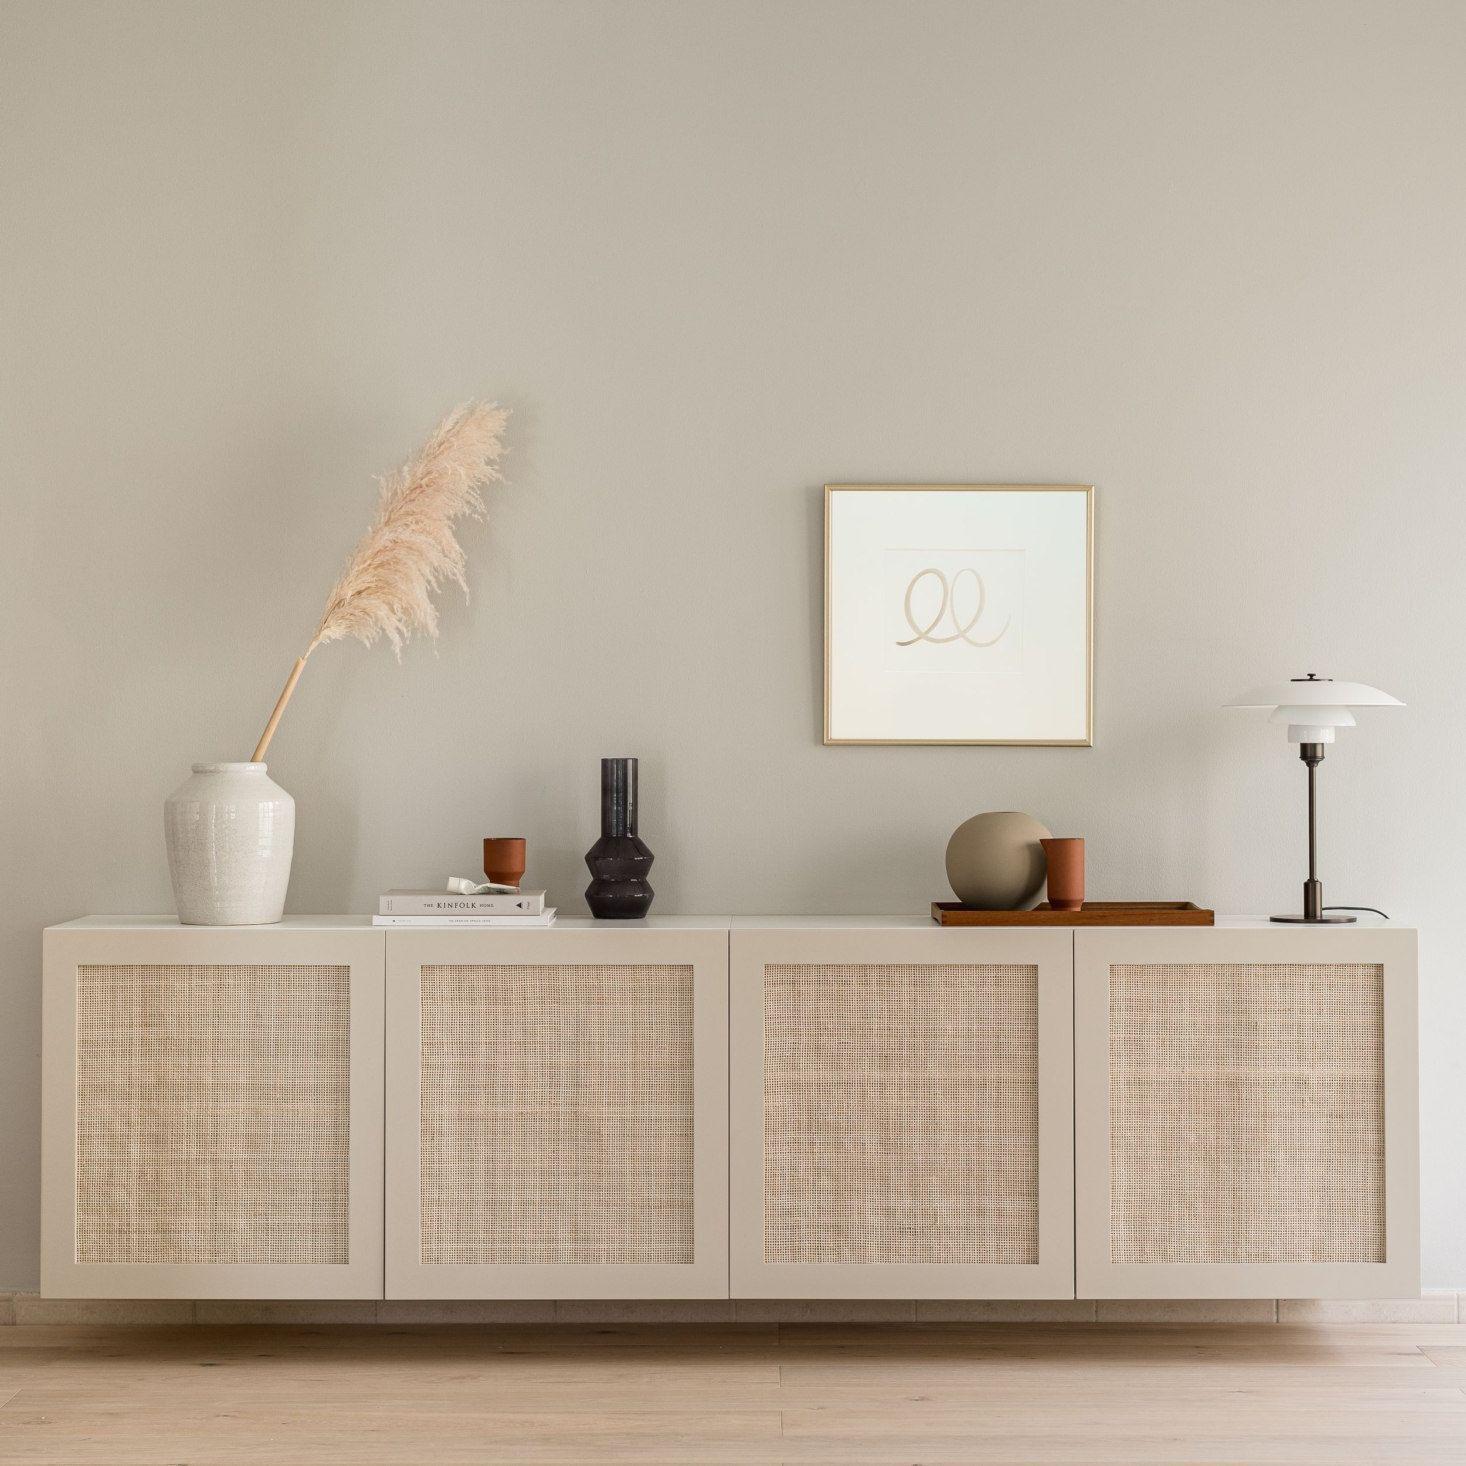 Photo of Einfache Ikea-Hacks mit Cane: 8 stilvolle DIY-Projekte mit gewebtem Rattan – Furniture